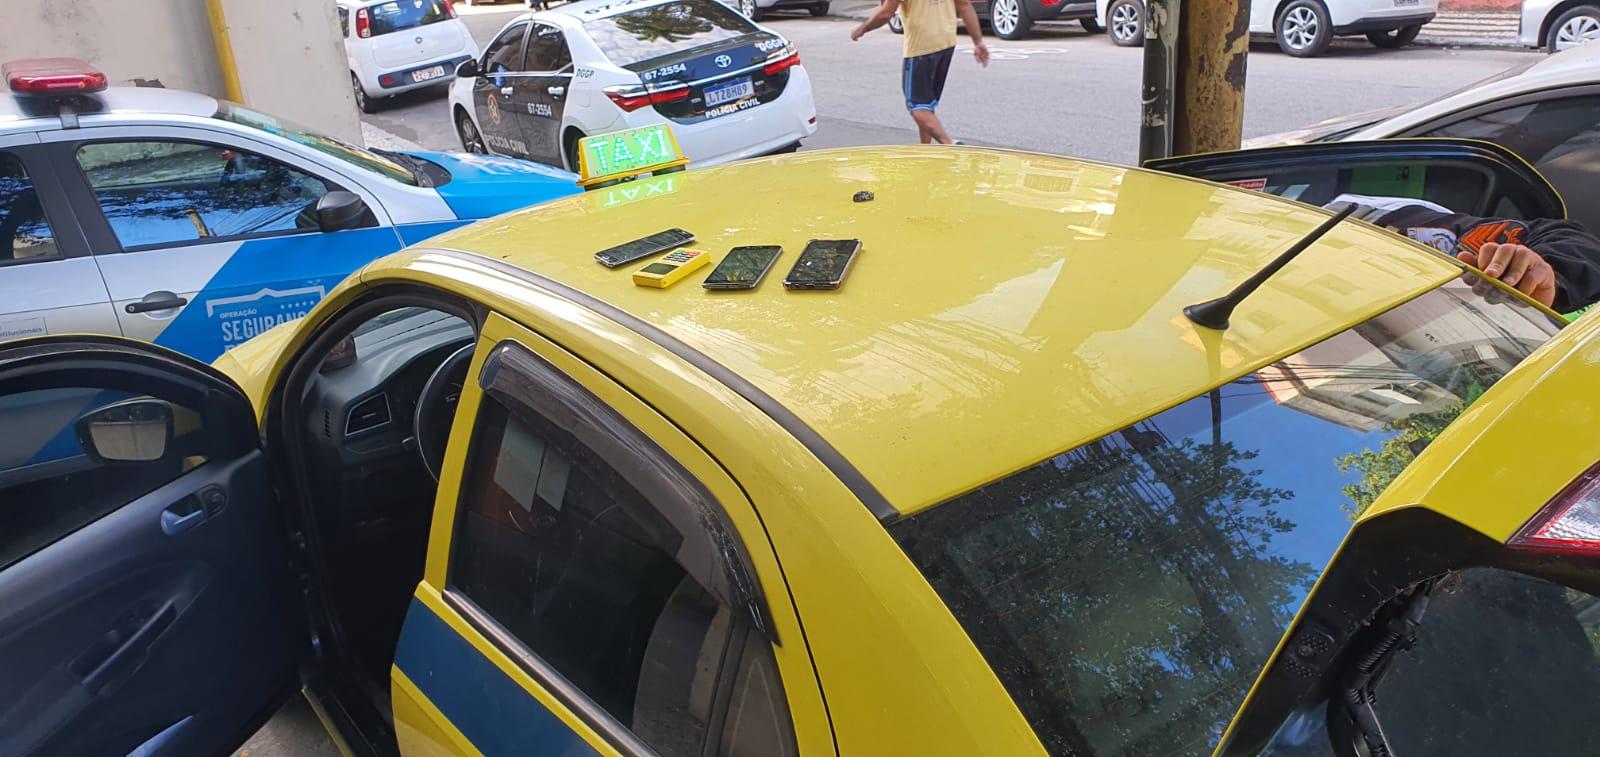 Taxista preso